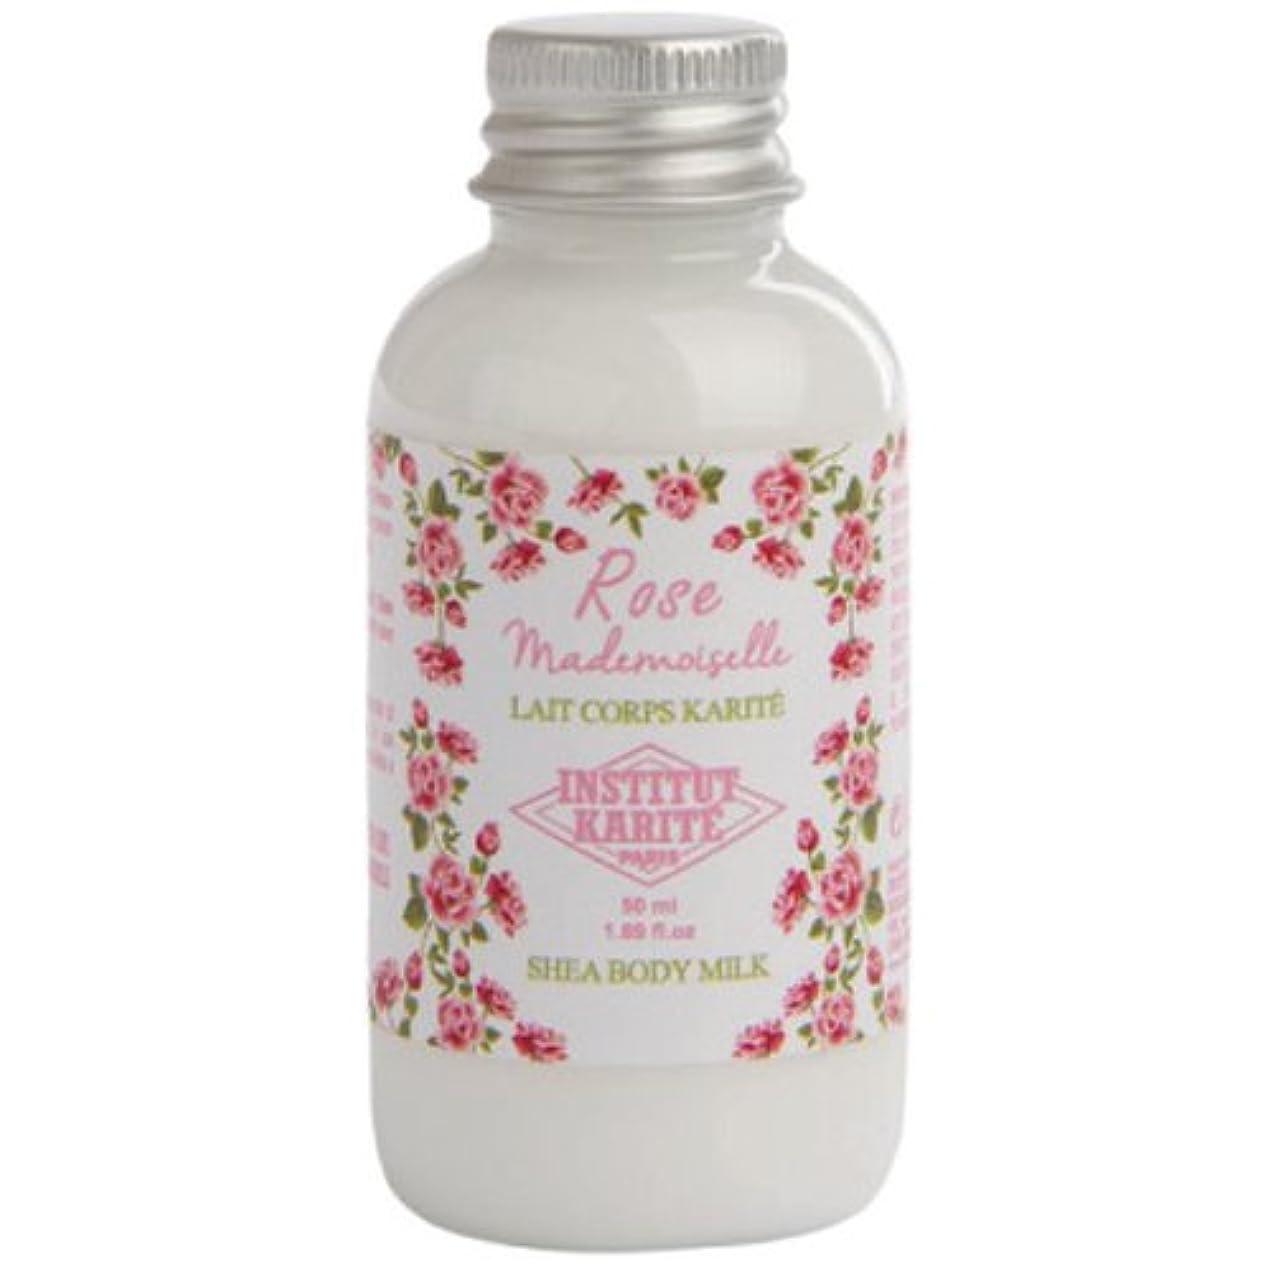 容器暫定歌詞INSTITUT KARITE カリテ Rose Mademoiselle クラシックローズ Travel Shea Body Milk 50ml